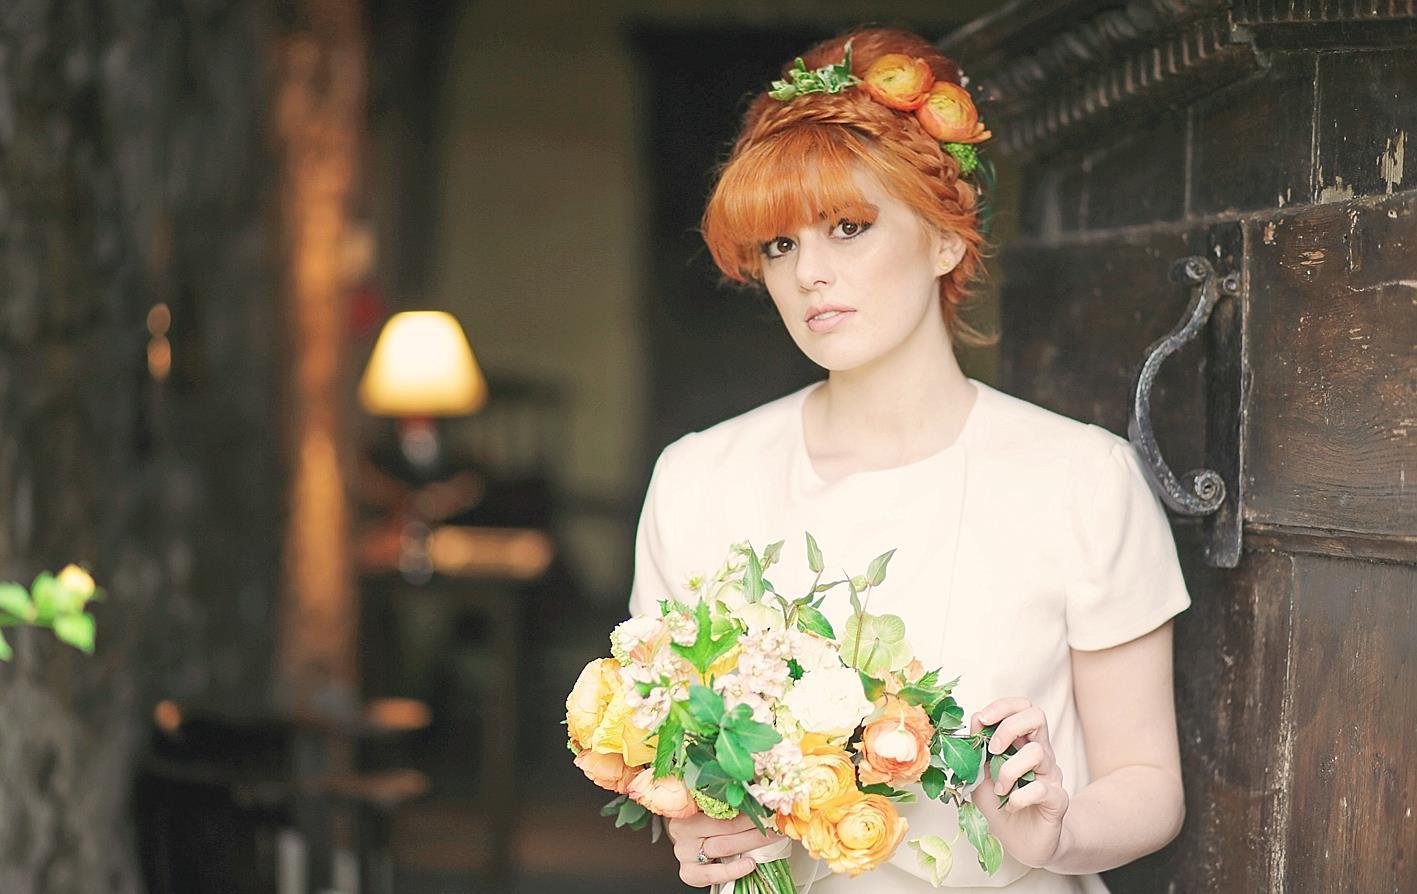 Bright boho flower crown belsflowers helen russell belsflowers bright boho flower crown belsflowers helen russell izmirmasajfo